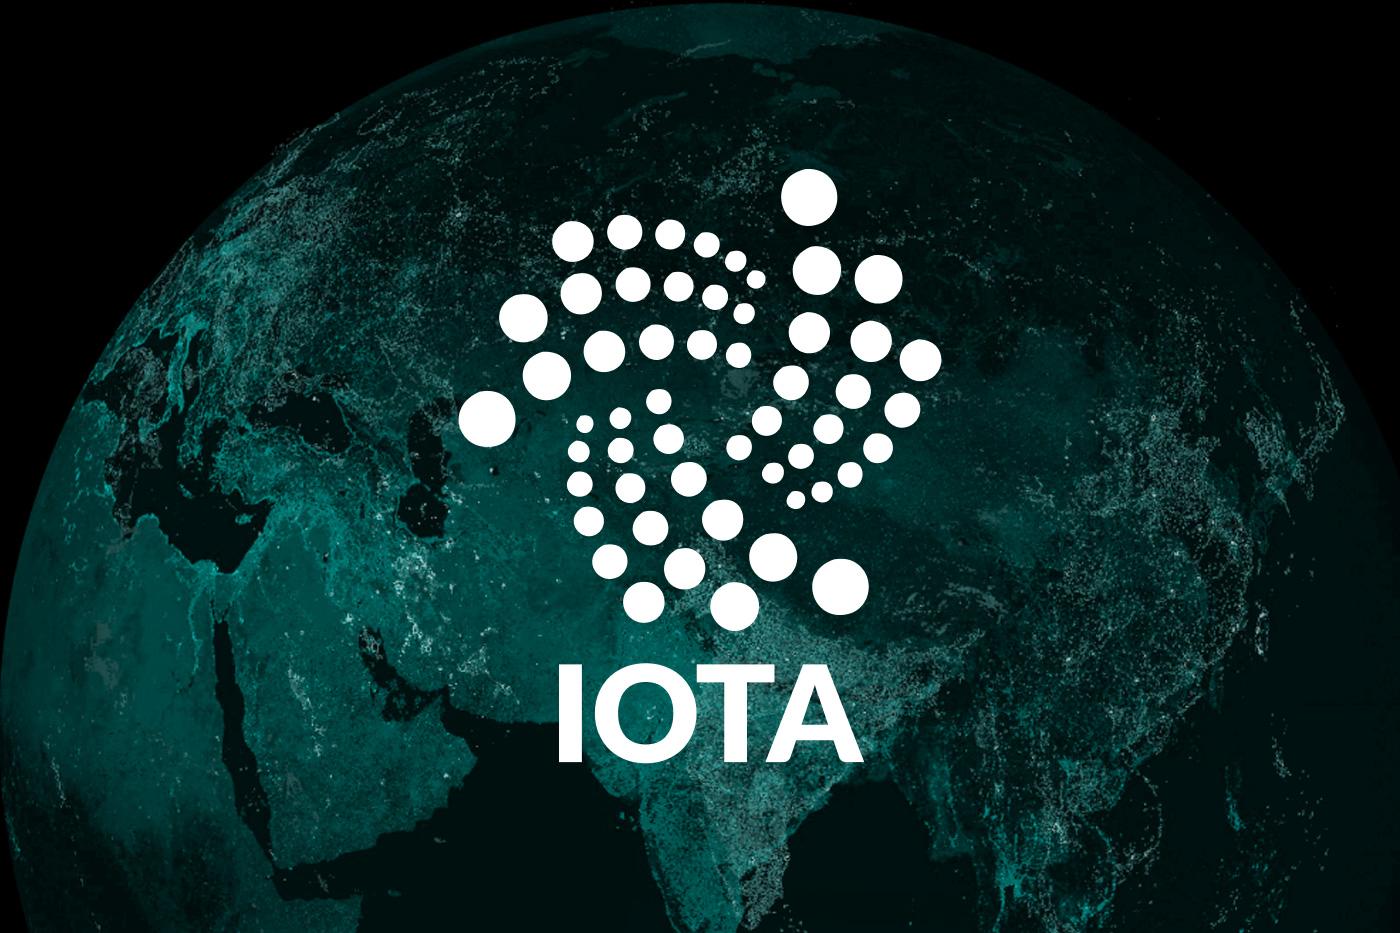 IOTA Vakfı Yol Haritasını Yayınladı